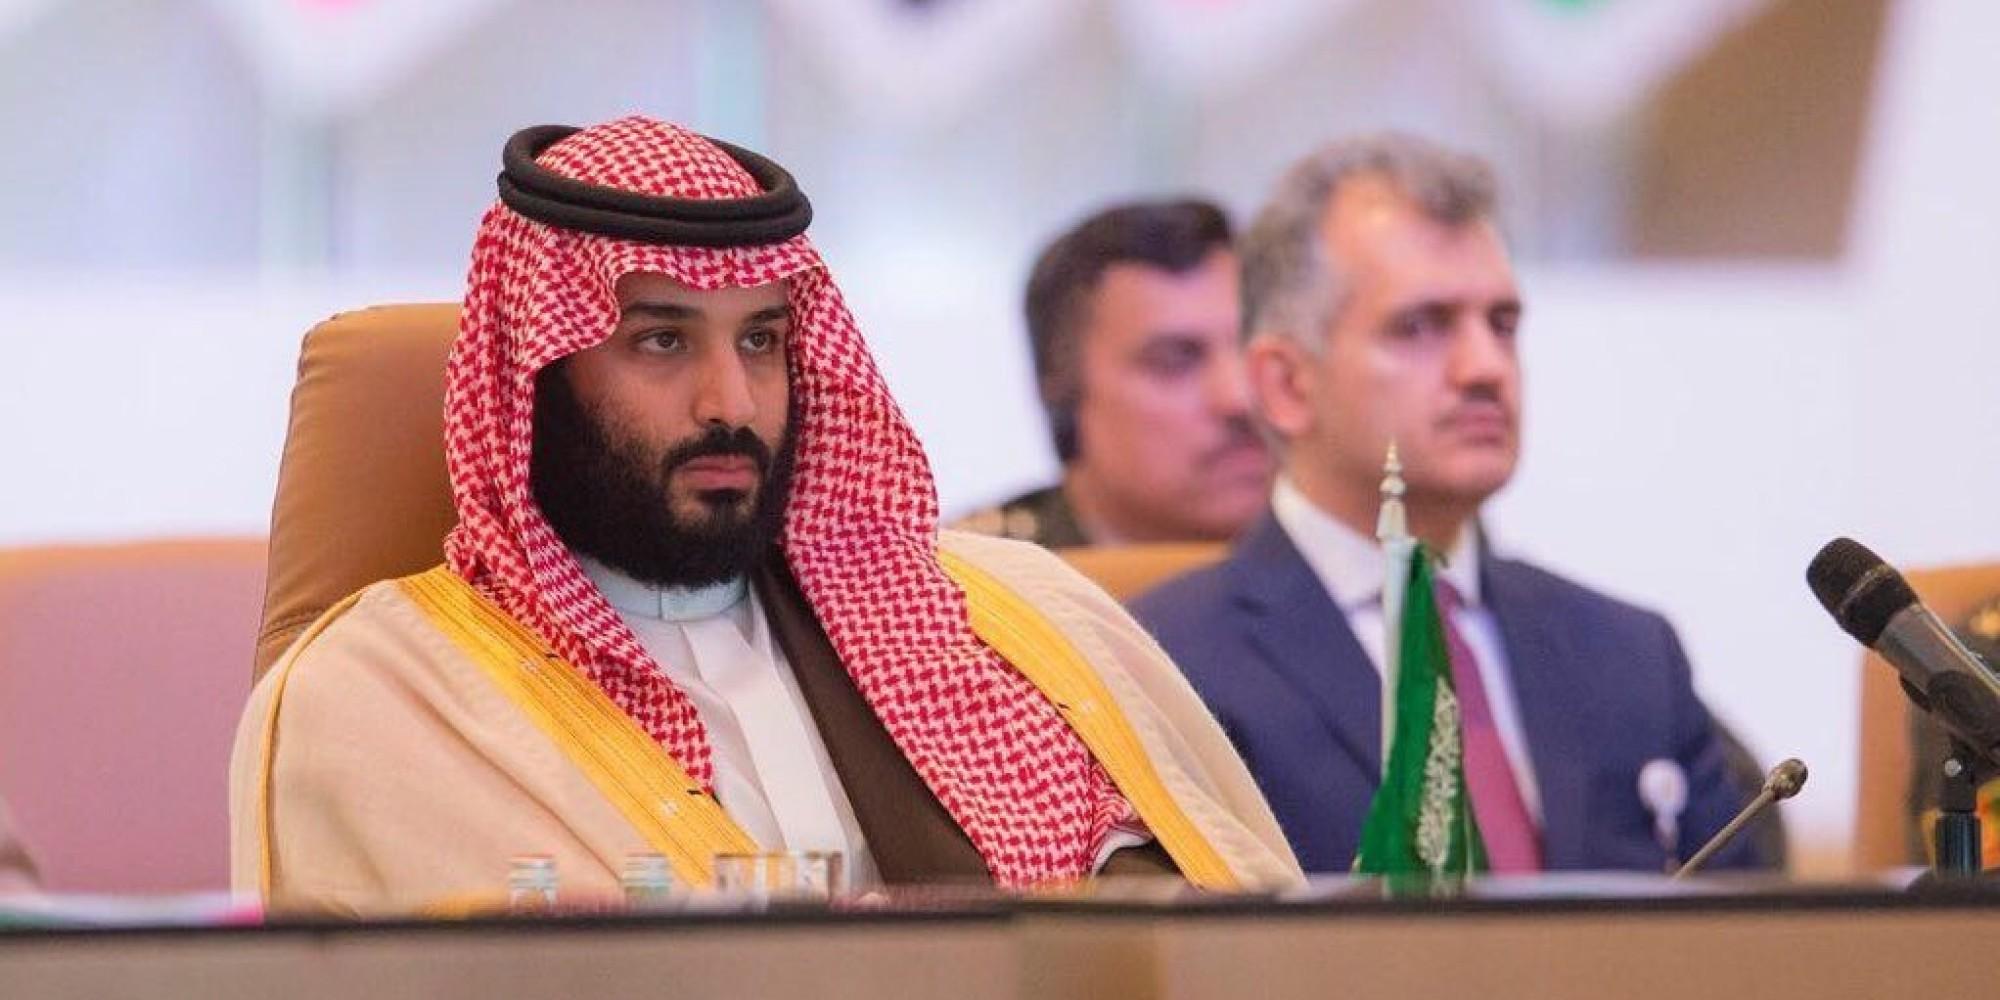 حول اليخوت وإيران ولبنان.. الكاتب الشهير توماس فريدمان يوجه نصائح إلى الأمير السعودي محمد بن سلمان